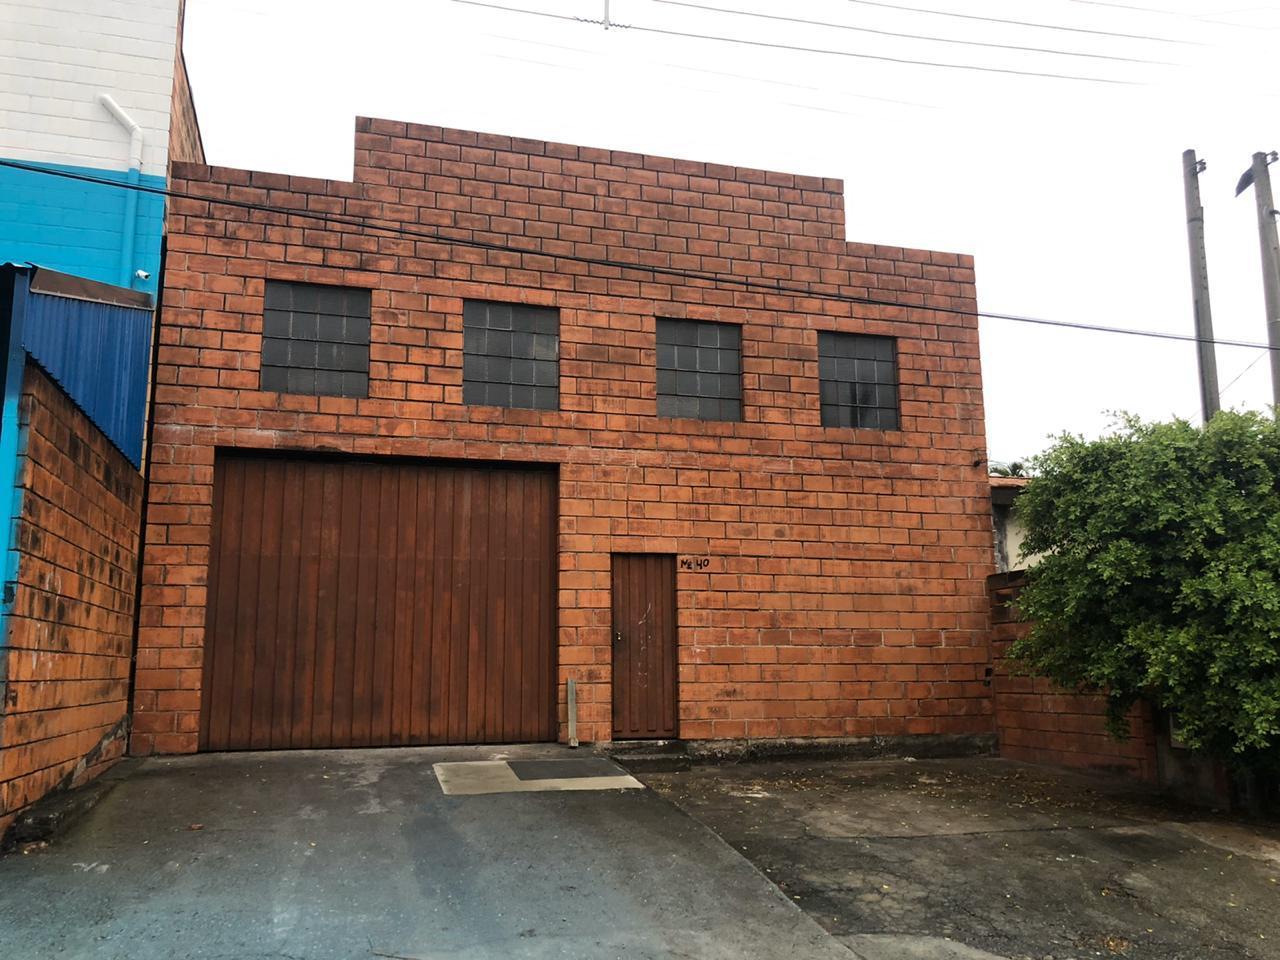 Barracão à venda, 280 m² por R$ 480.000 - Jardim Manchester (Nova Veneza) - Sumaré/SP